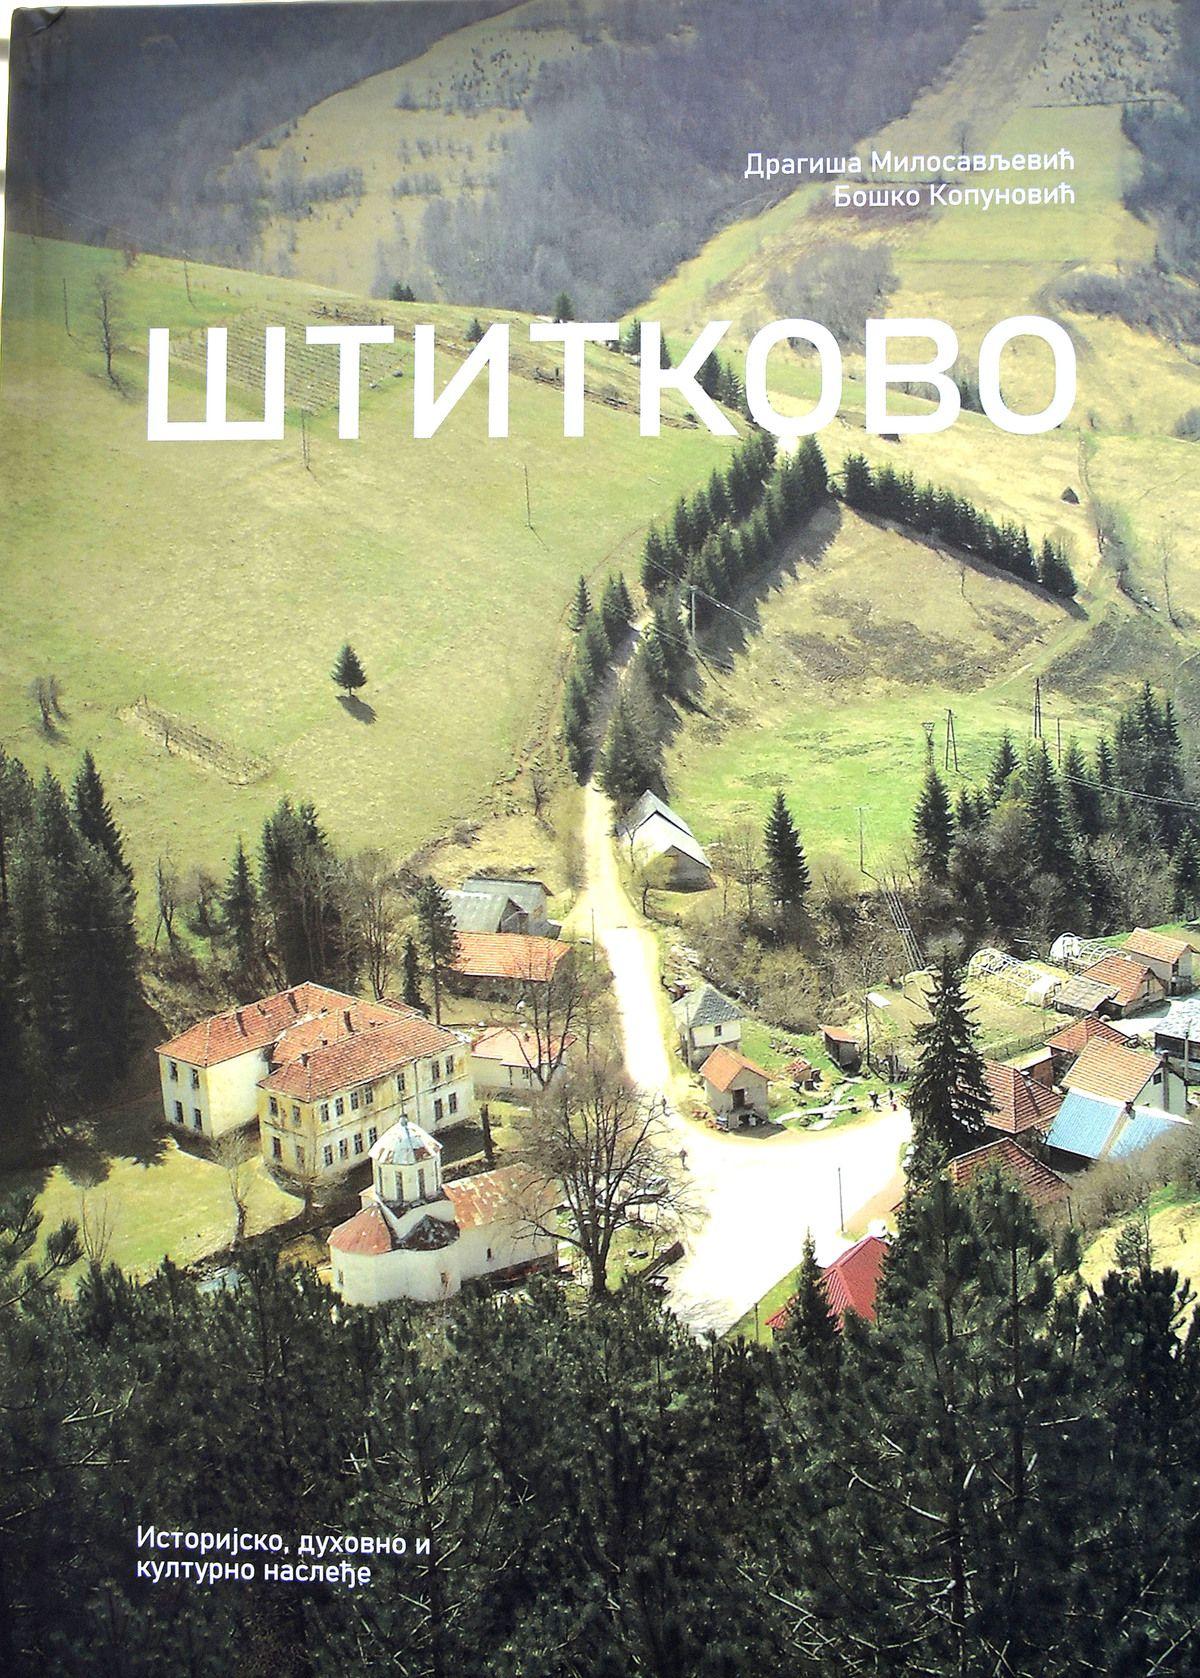 Зашто ову књигу издавач није послао на Београдски сајам?